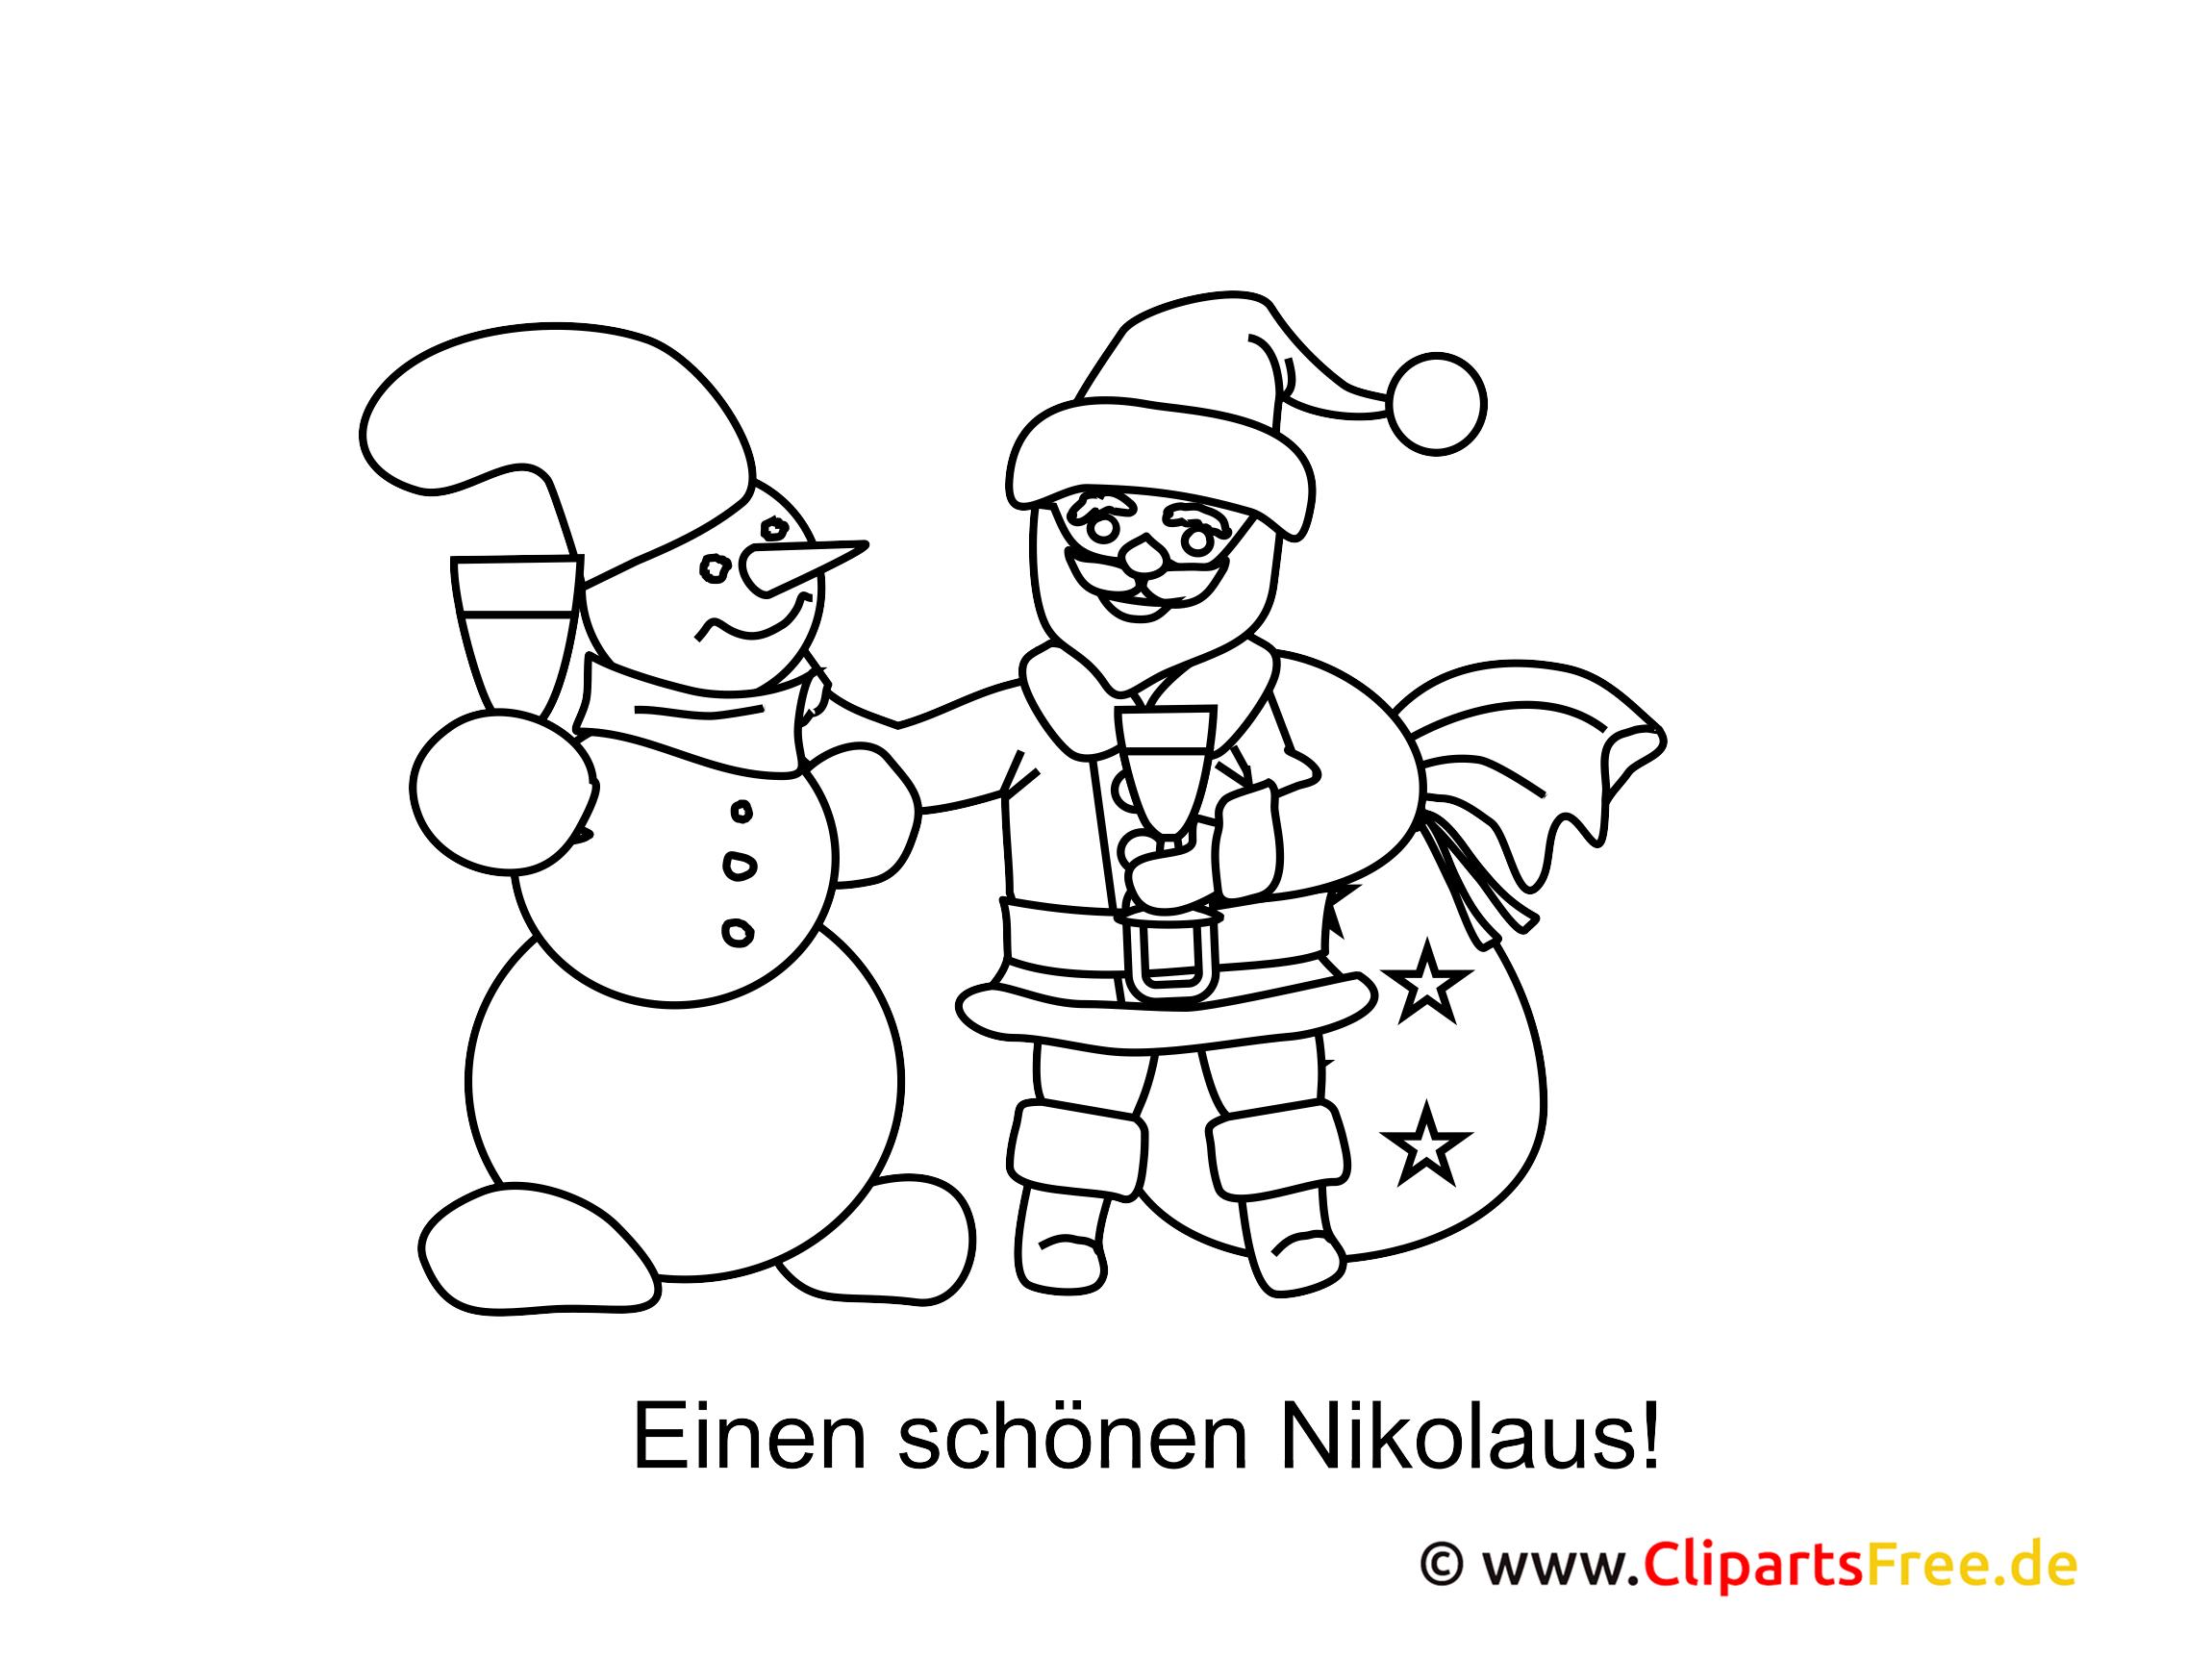 Nikolausbilder zum Ausmalen